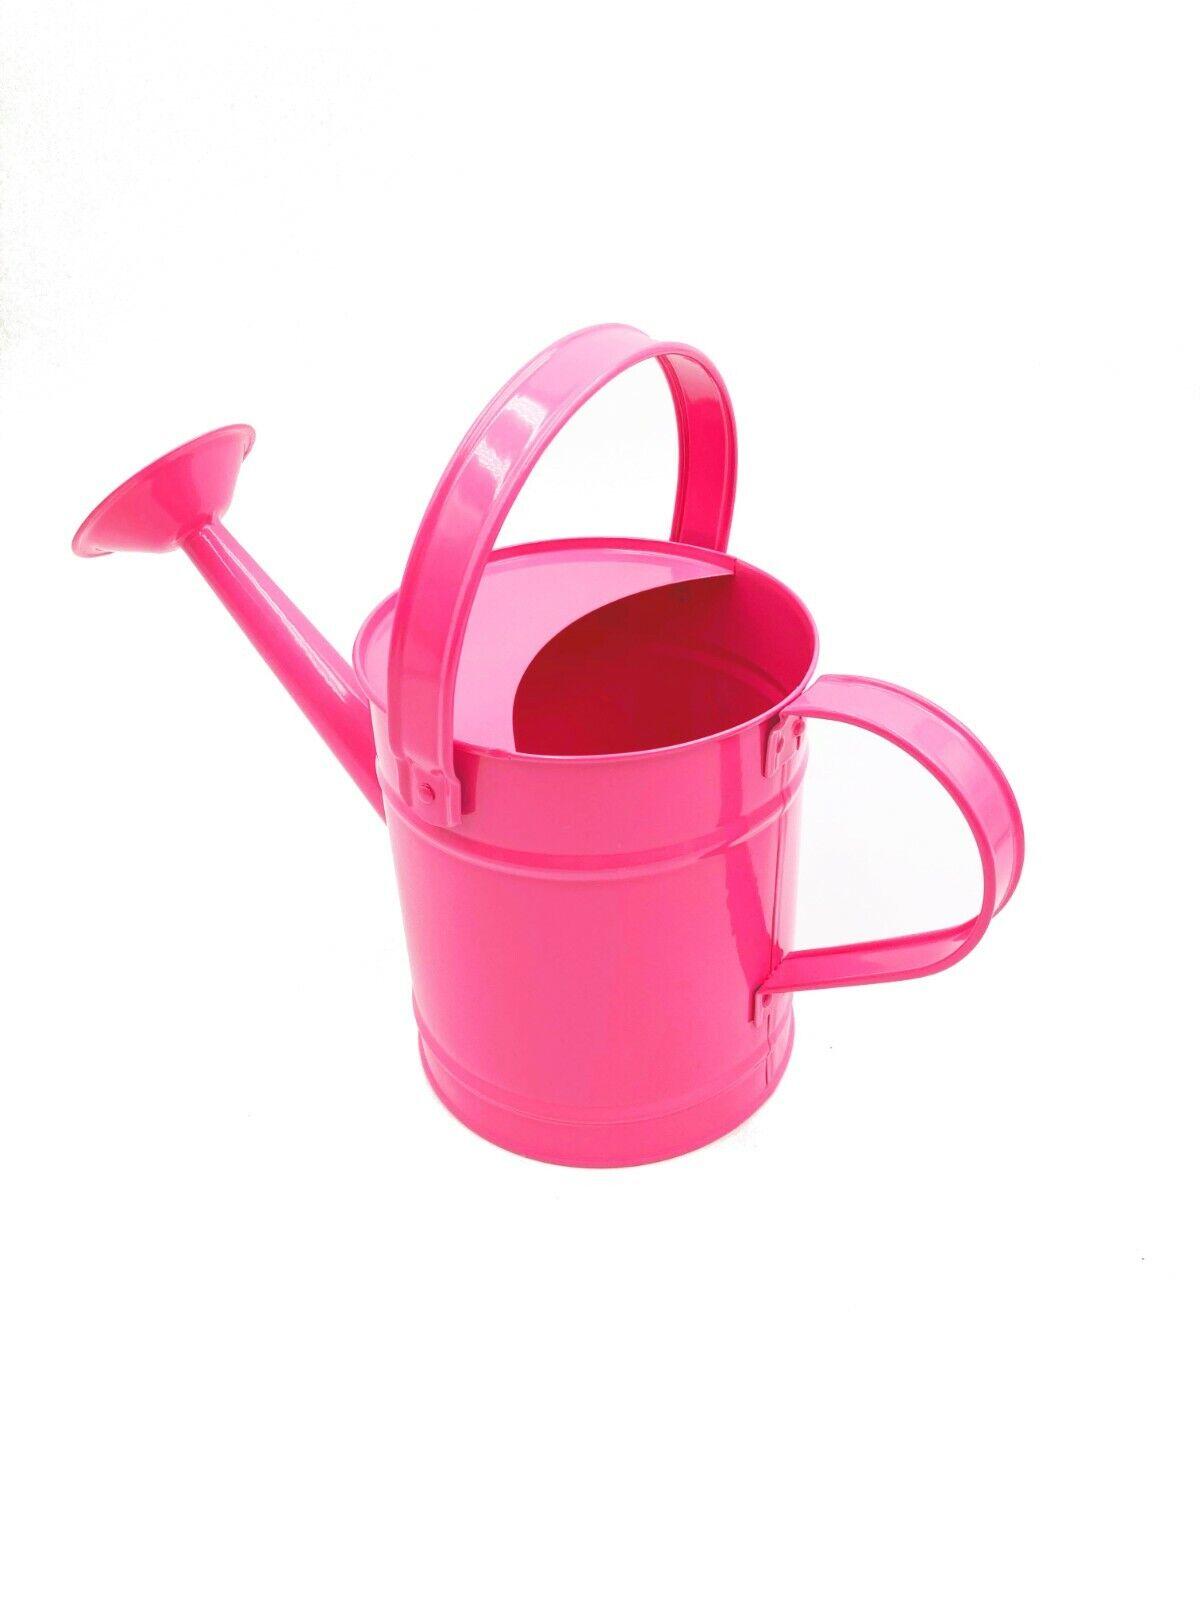 Children's Pink Metal Watering Can (22cm) - Holds 1.3 L OUTDOOR Garden Kids